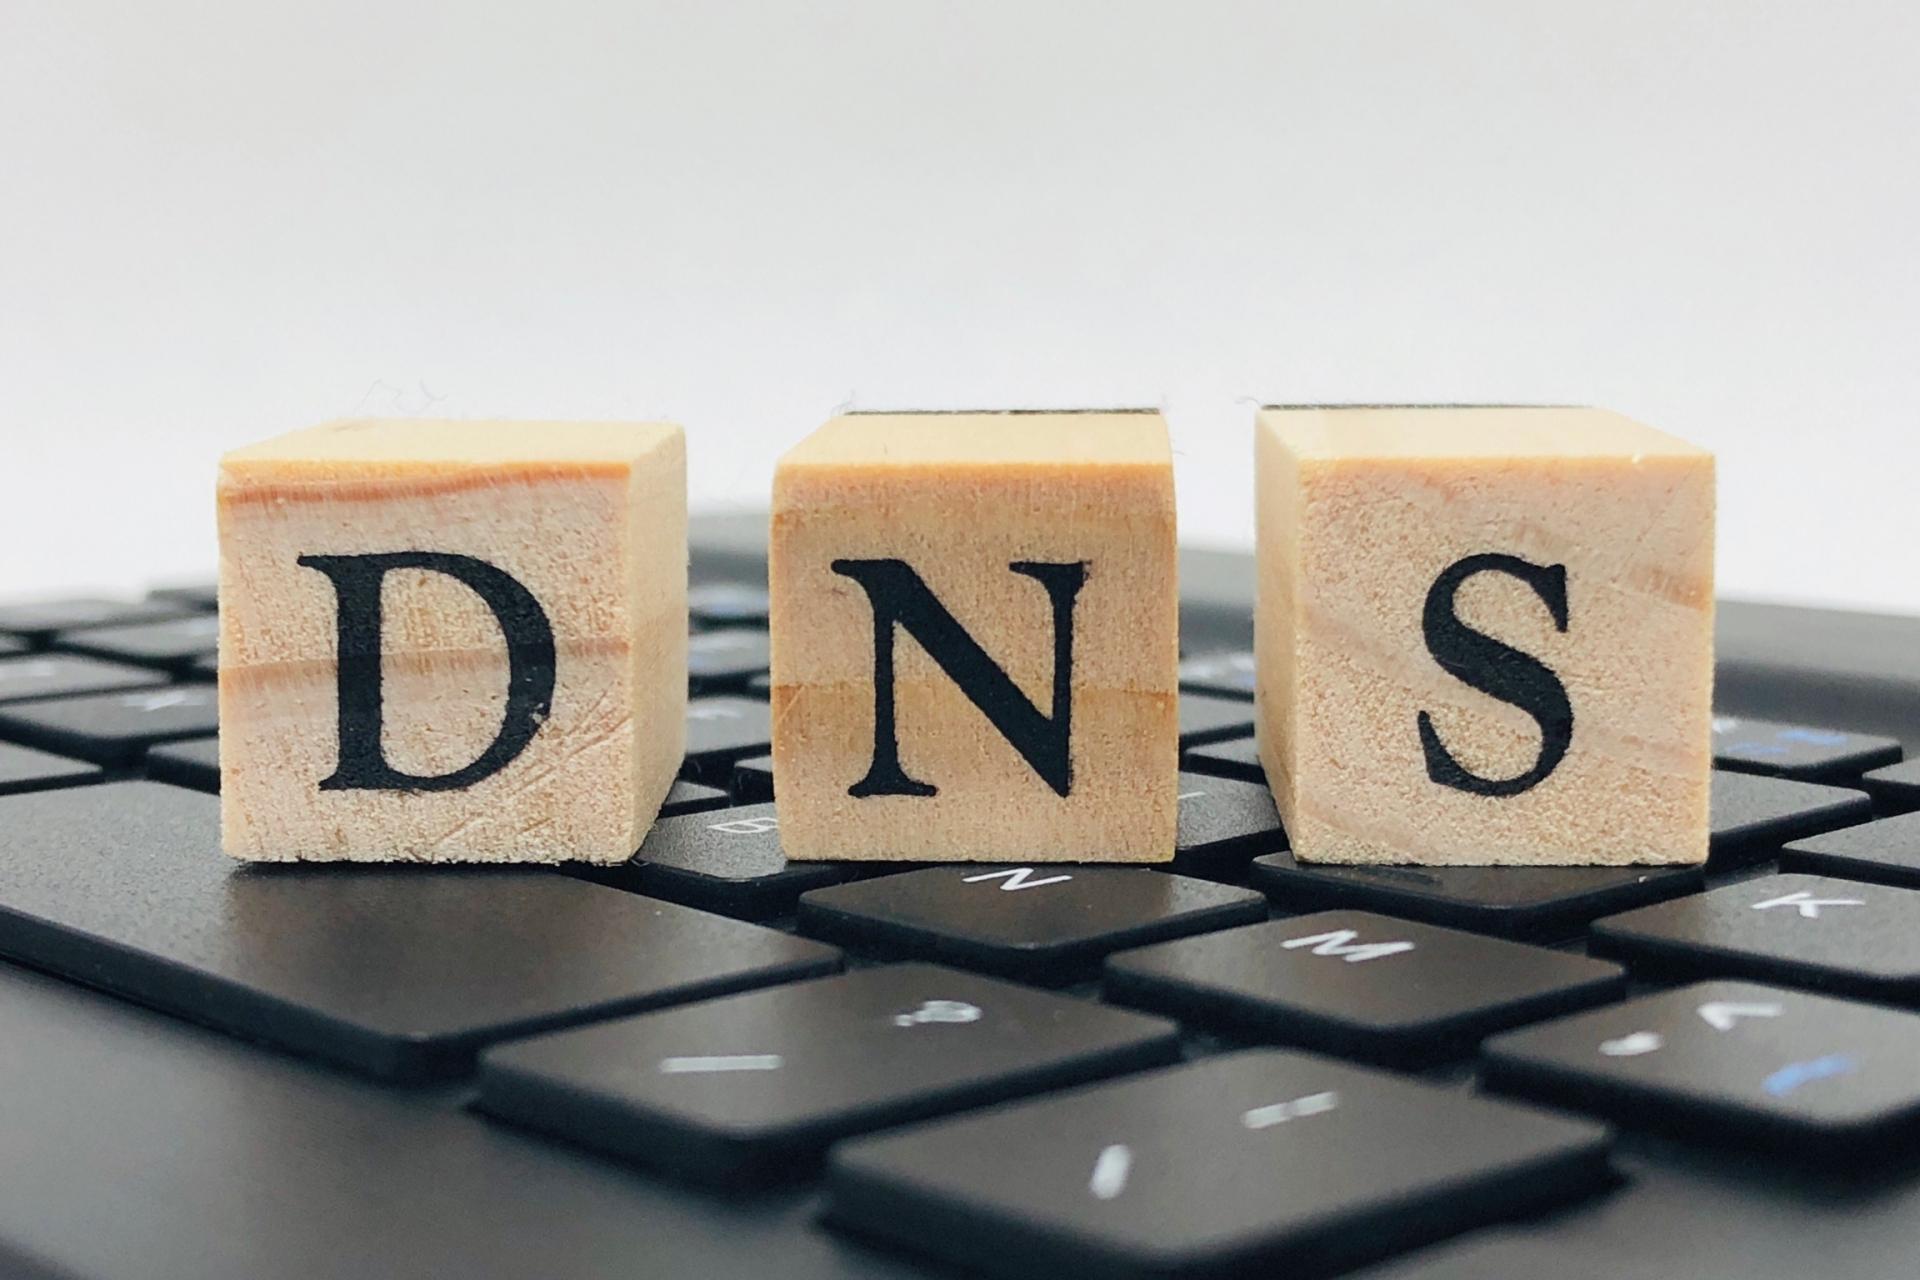 主要サービスが一斉にダウン、DNSサーバーのダウンが原因か